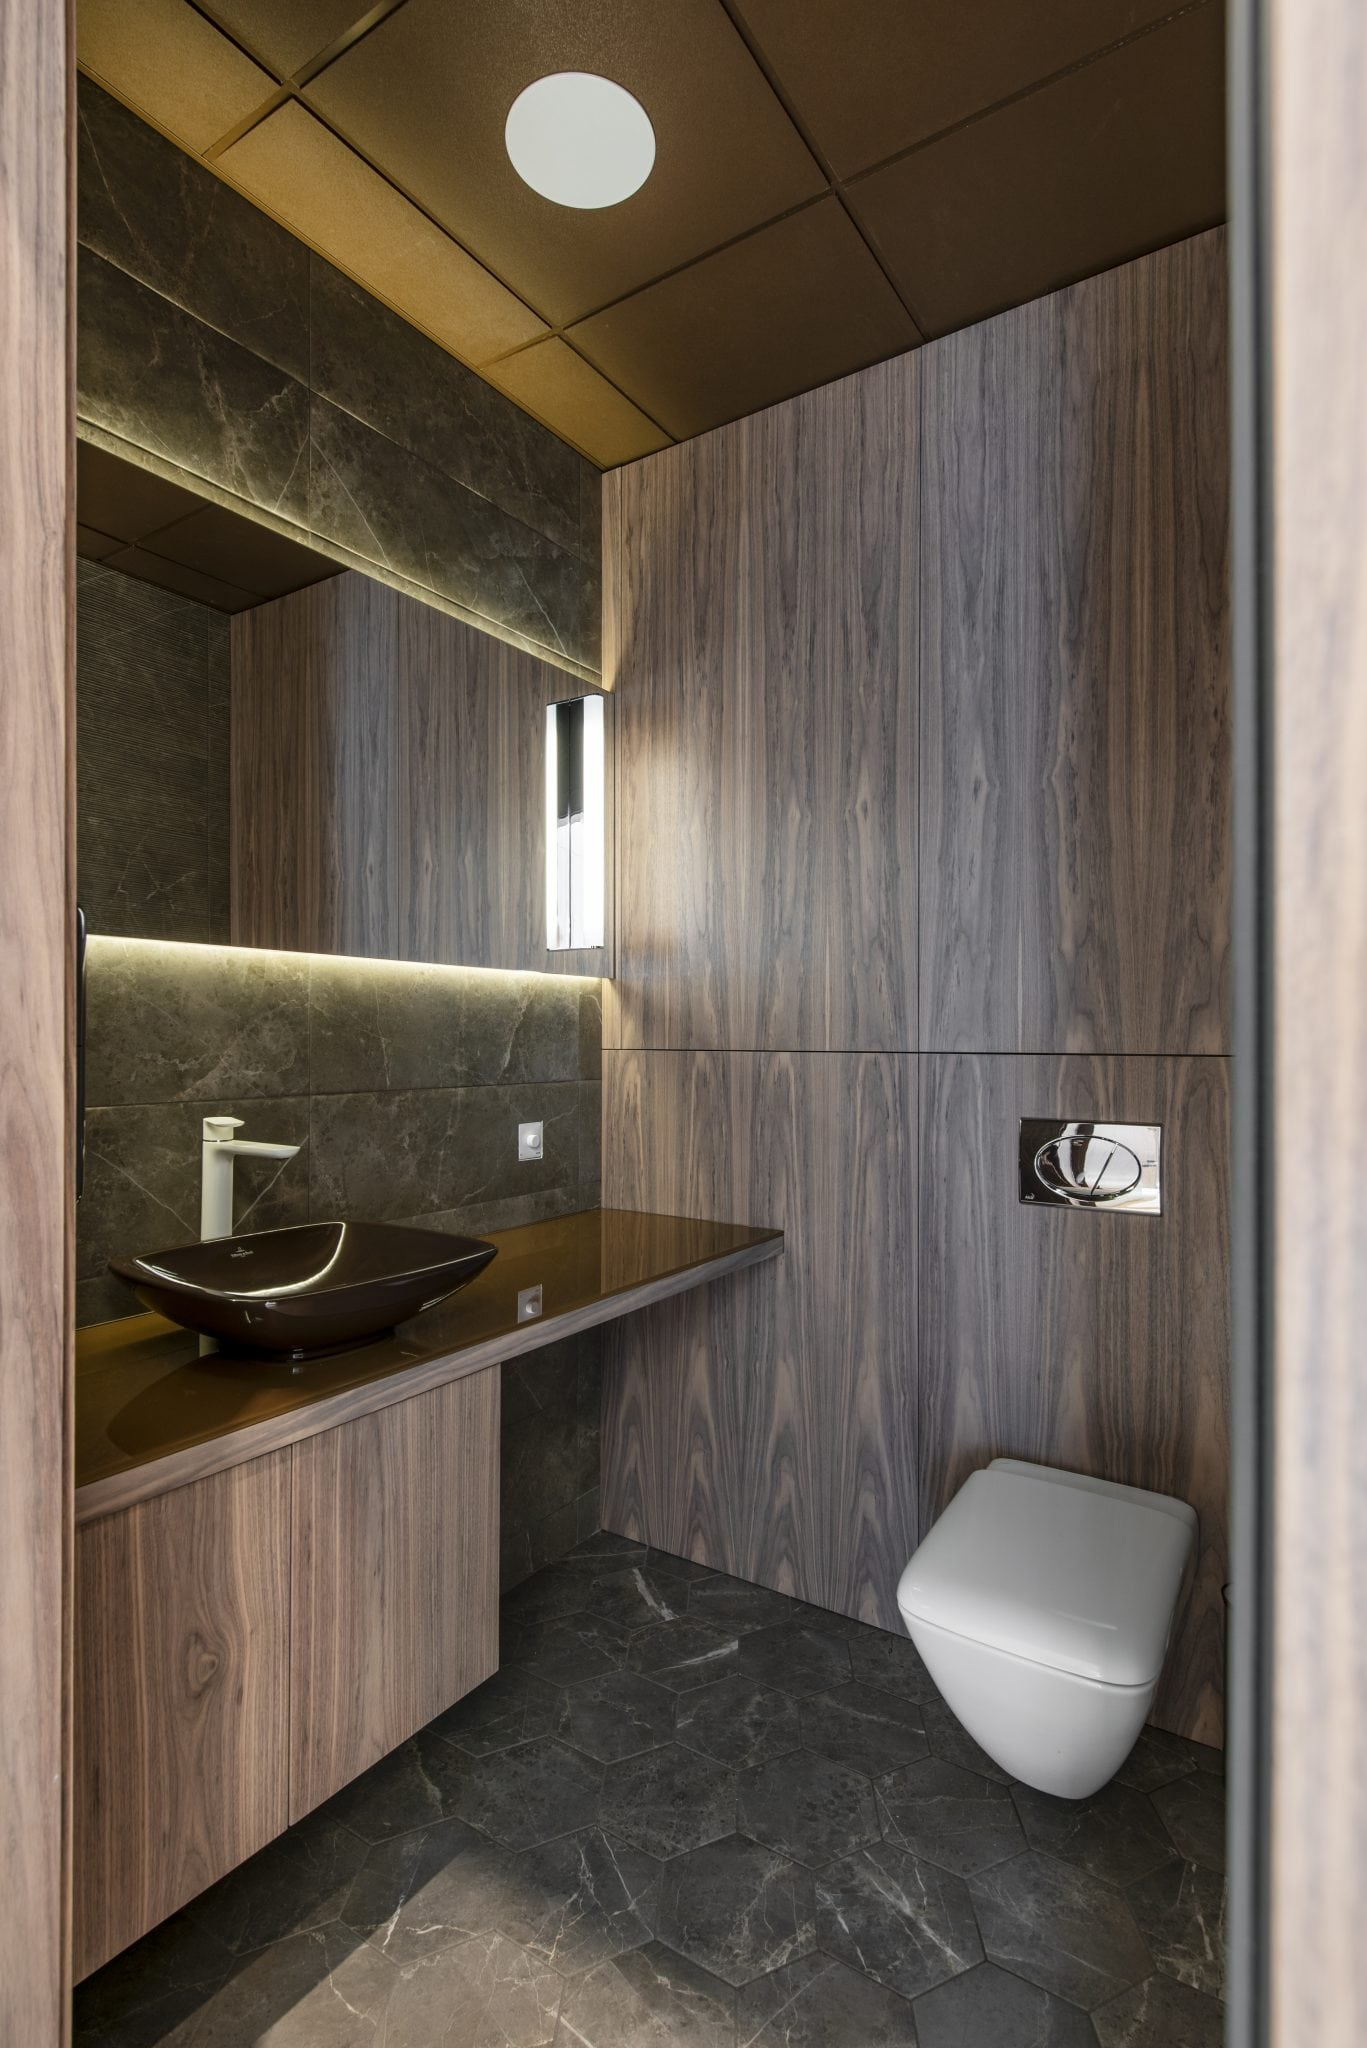 Interjero sprendimai verslui, odontologijos kabinetui, įgyvendintas baldų gamybos projektas.